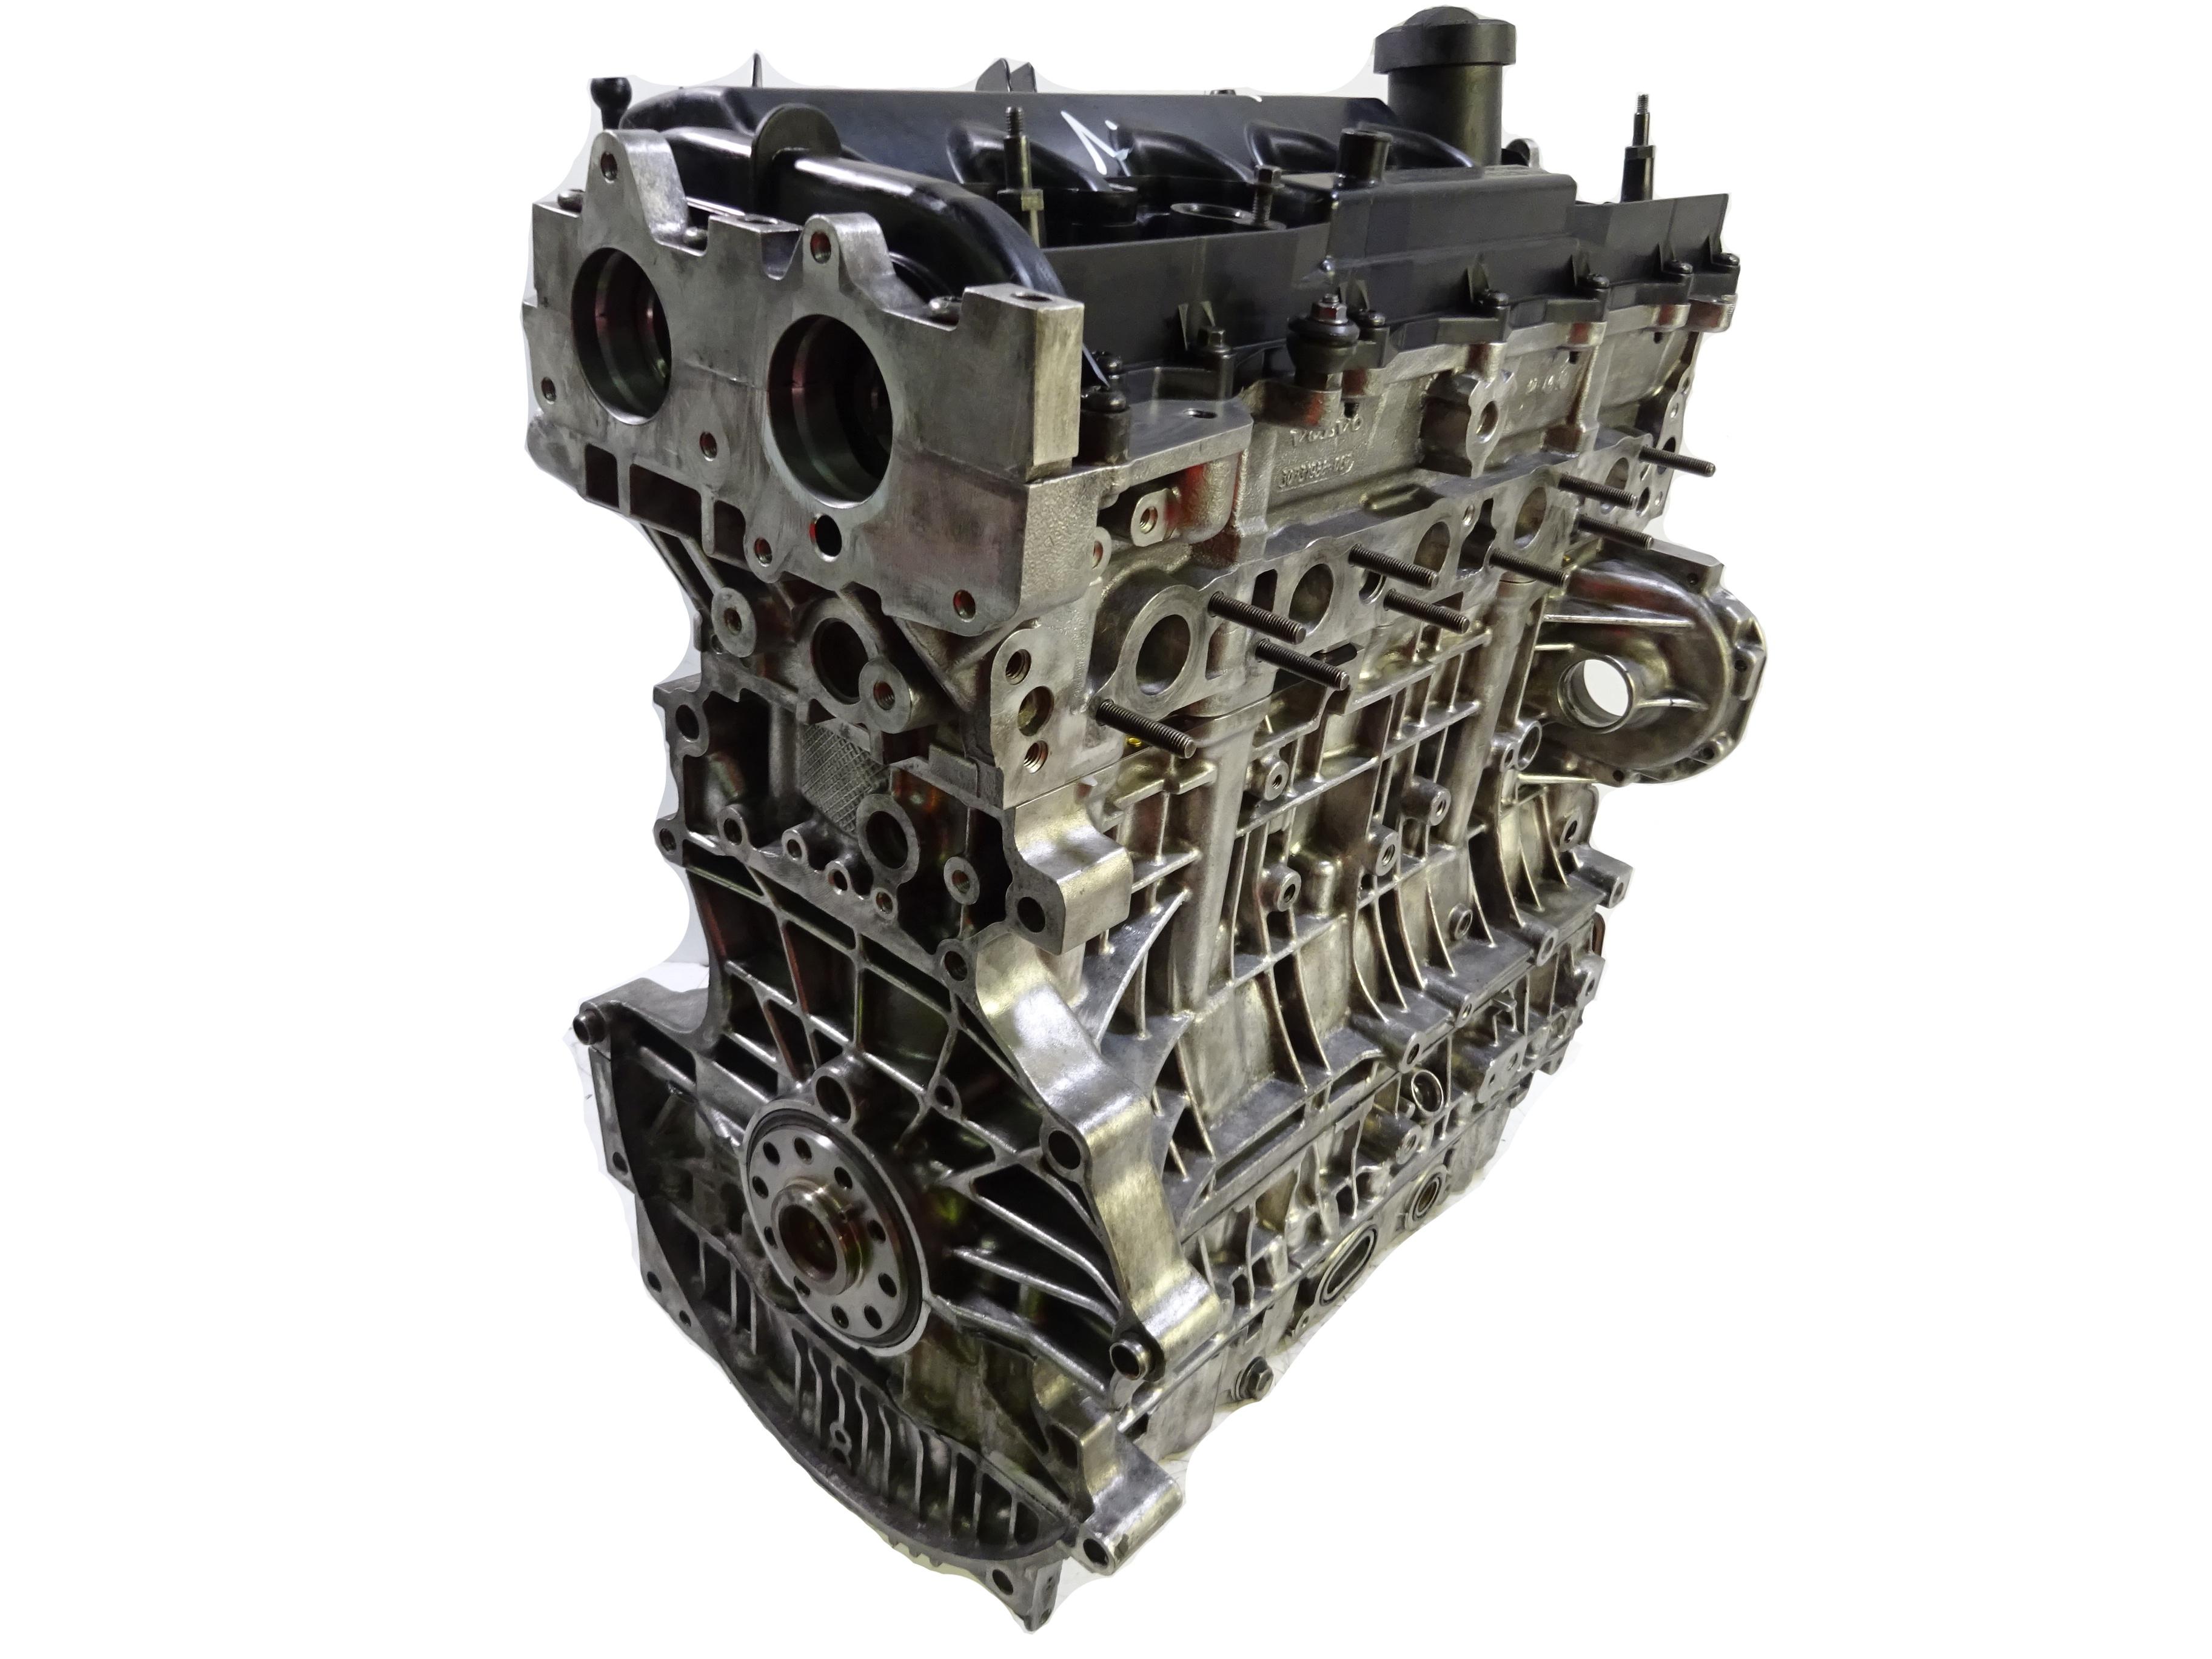 Motor 2007 Volvo XC90 I D5 2,4 D5244T4 185 PS